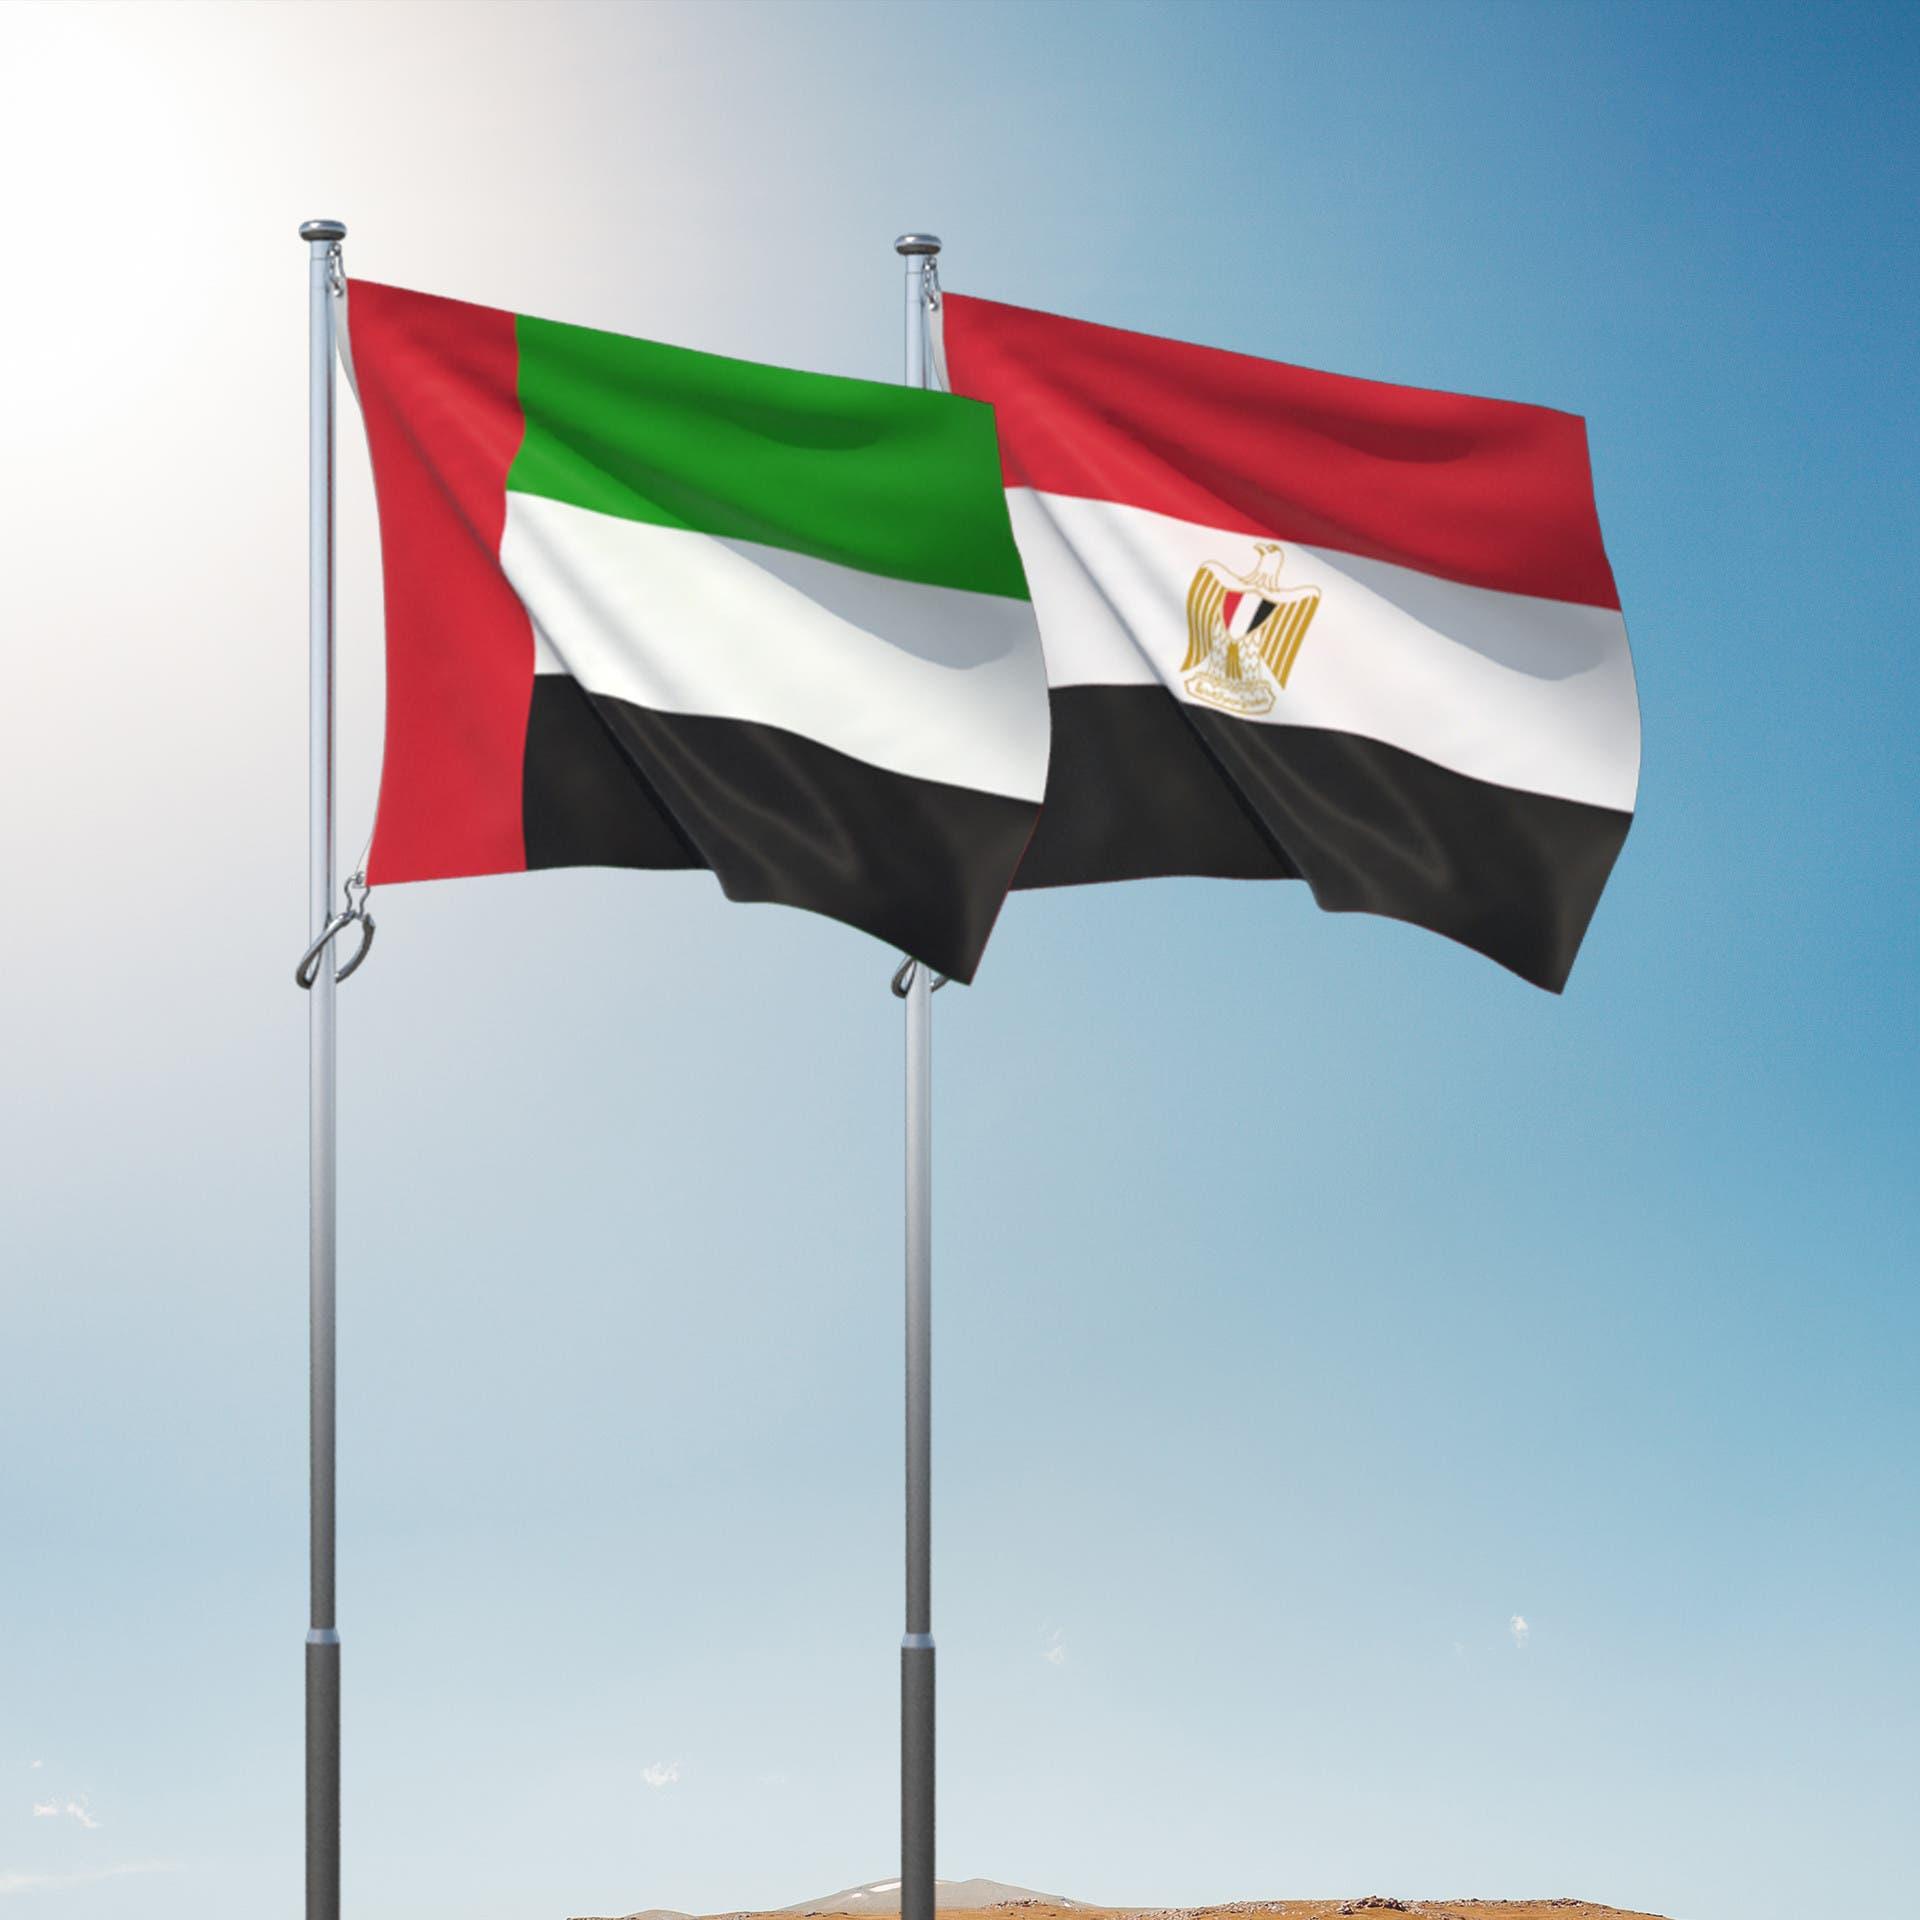 الإمارات: نتضامن ونقف مع مصر في حماية أمنها واستقرارها